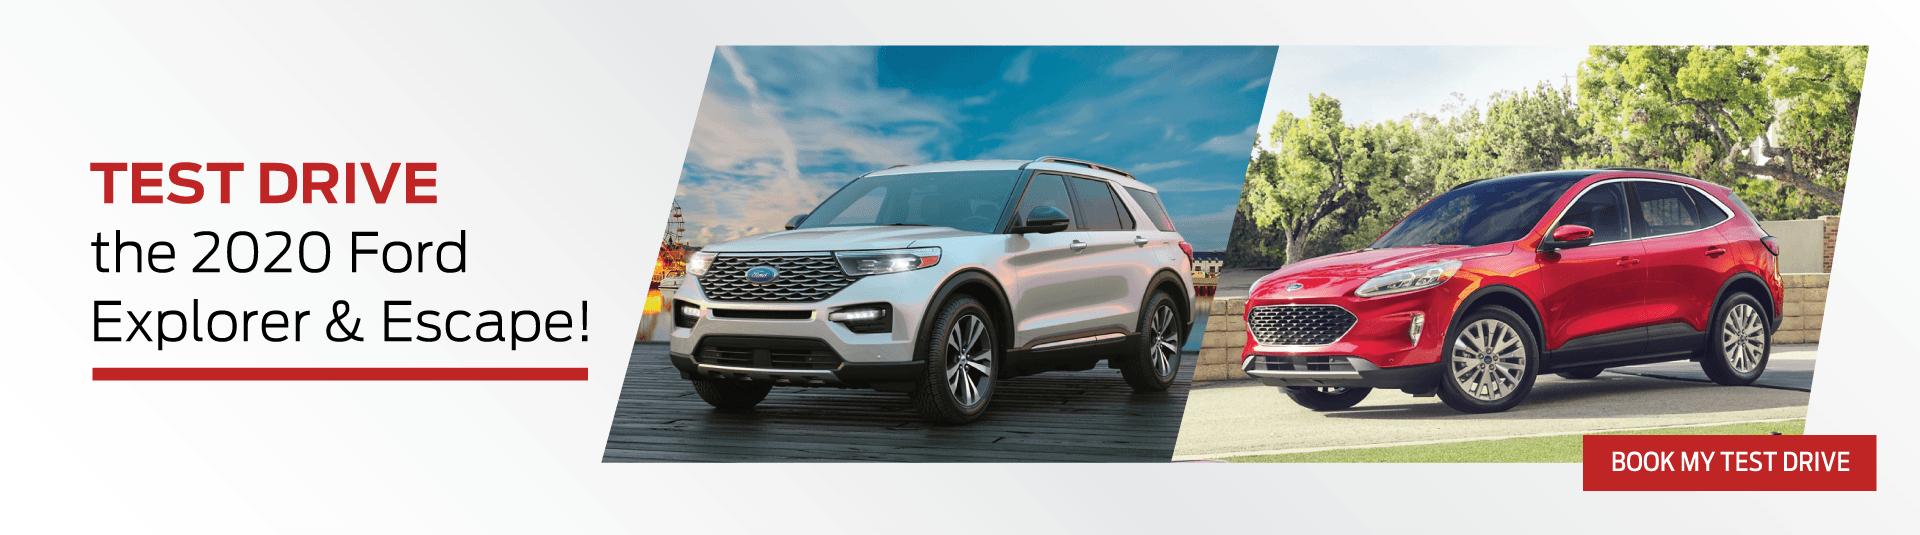 Ford-Built-for-Every-Season-2020Escape&Explorer